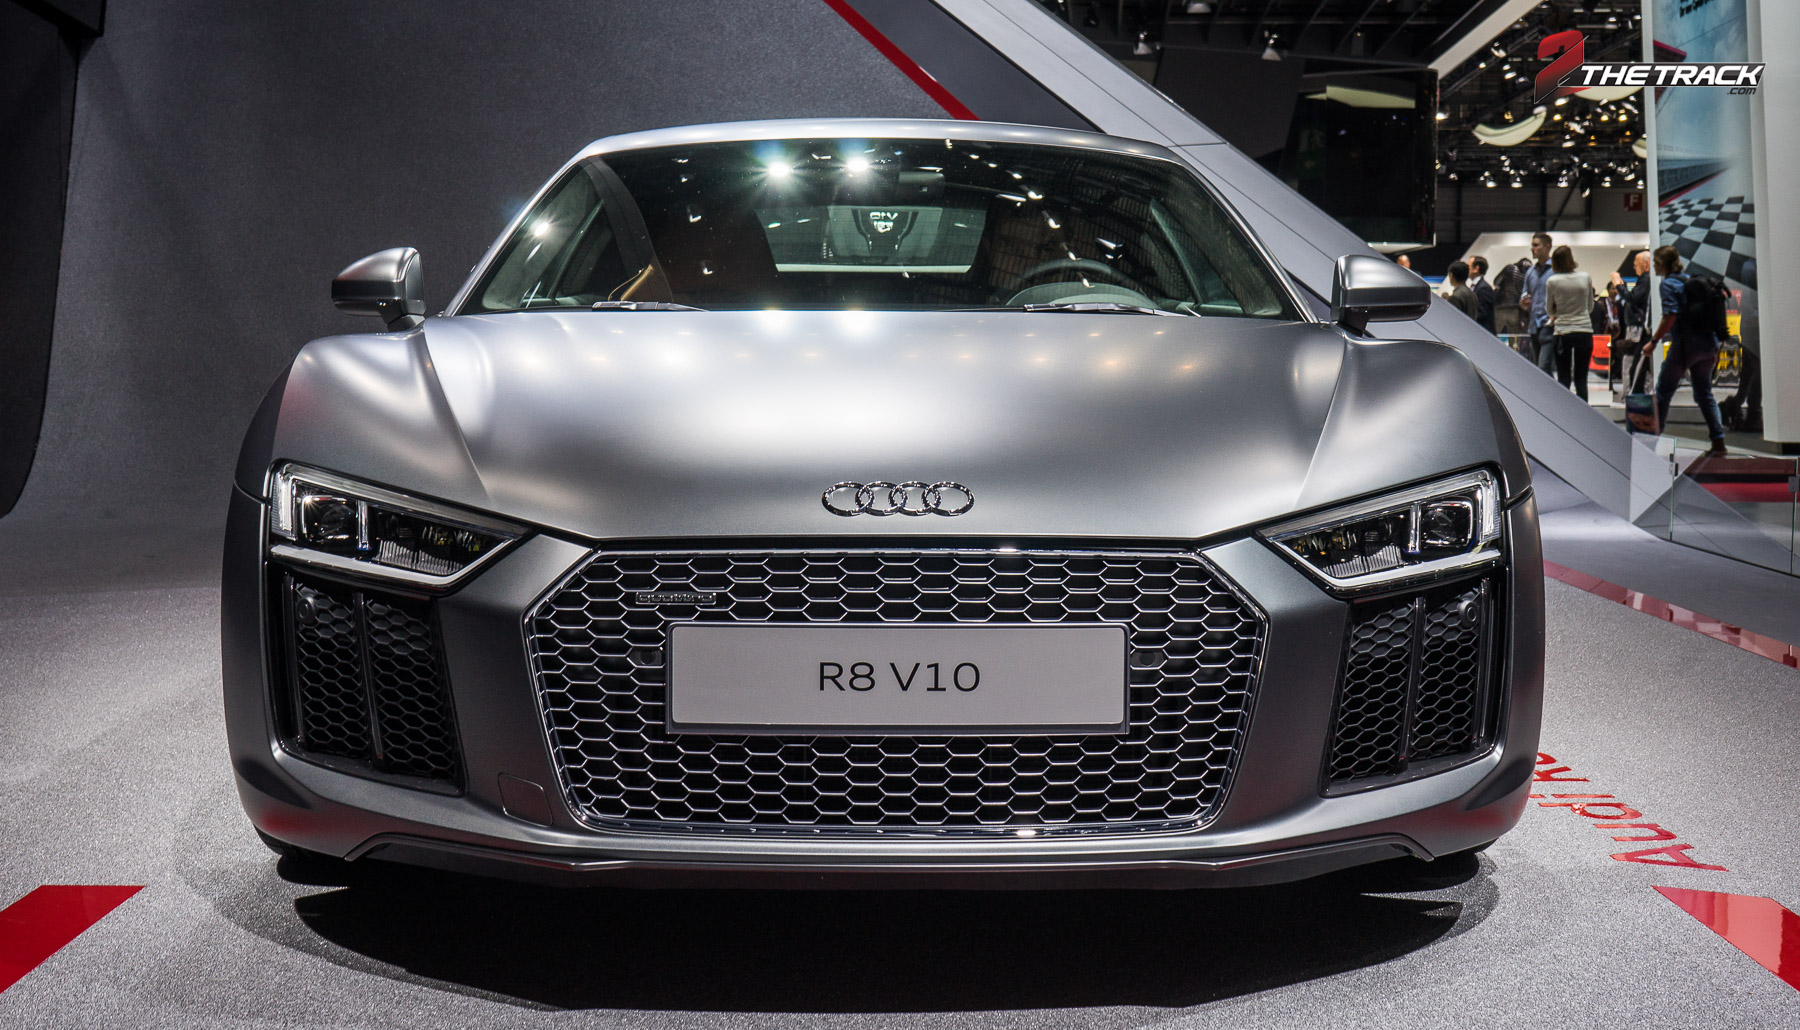 Audi R8 V10 Geneva Motor Show 2015-1-2